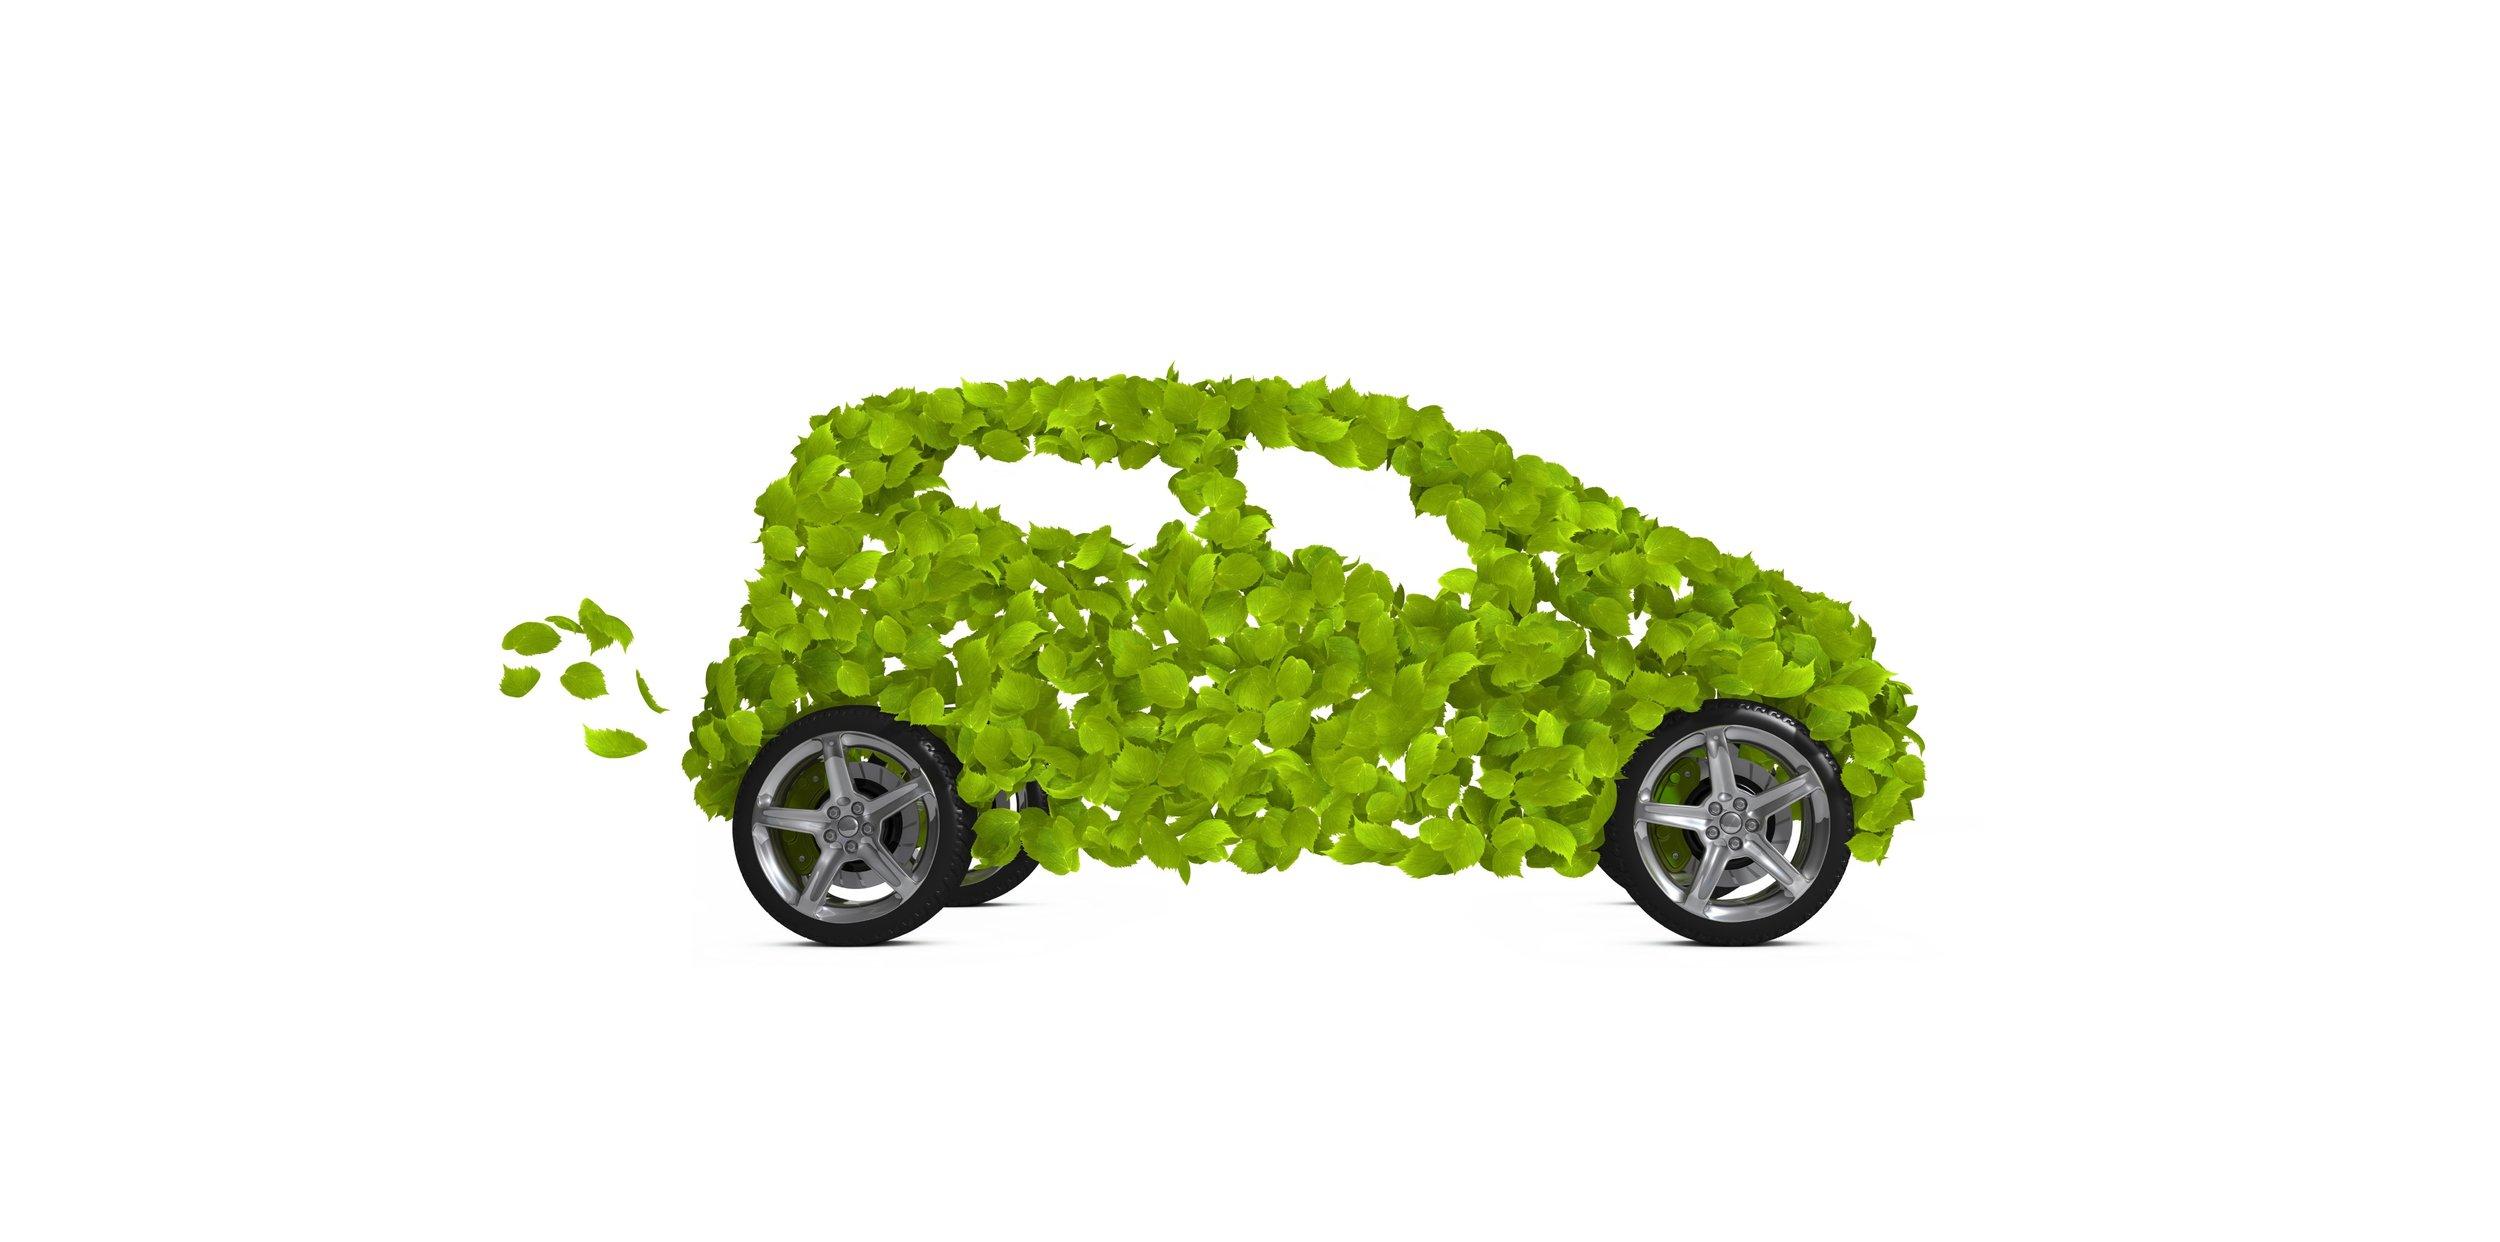 green_car_community_2.jpg